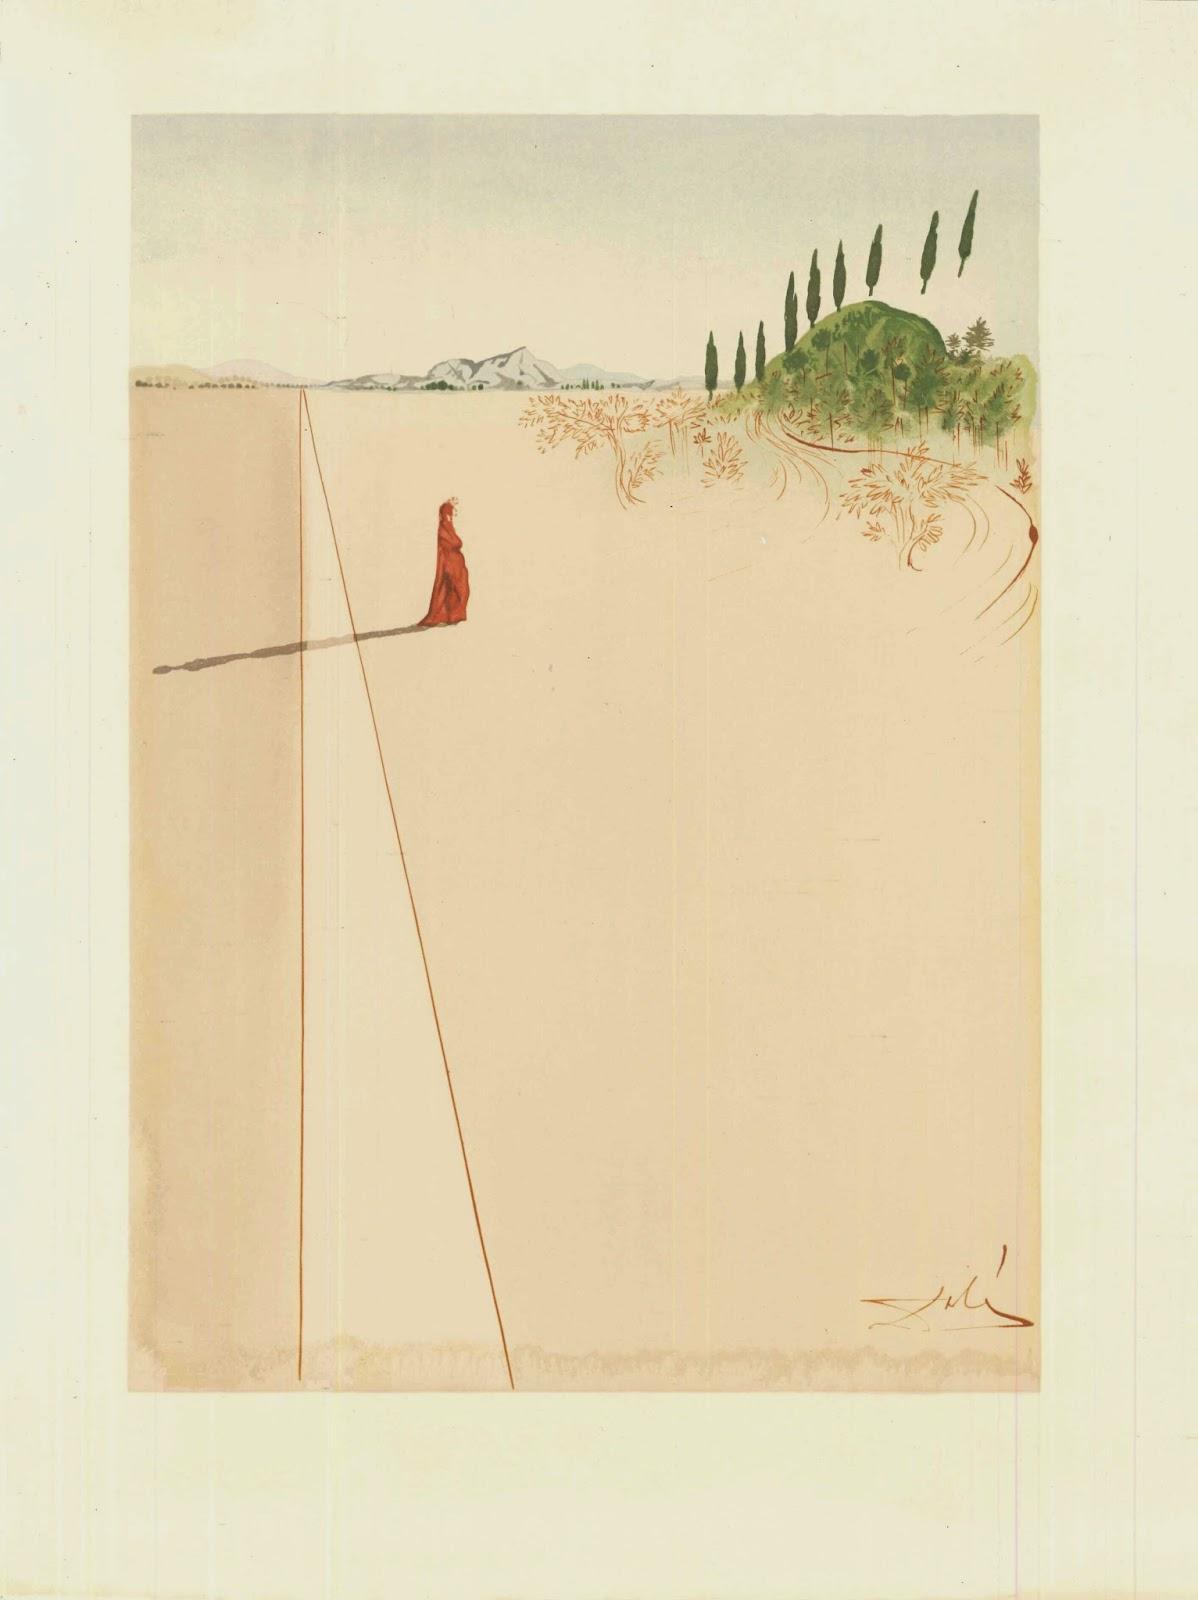 Dalí illustratore, La Divina Commedia di Dante Alighieri, 1959 - 1963, Portfolio di 100 xilografie a colori su carta, 33 x 26,4 cm